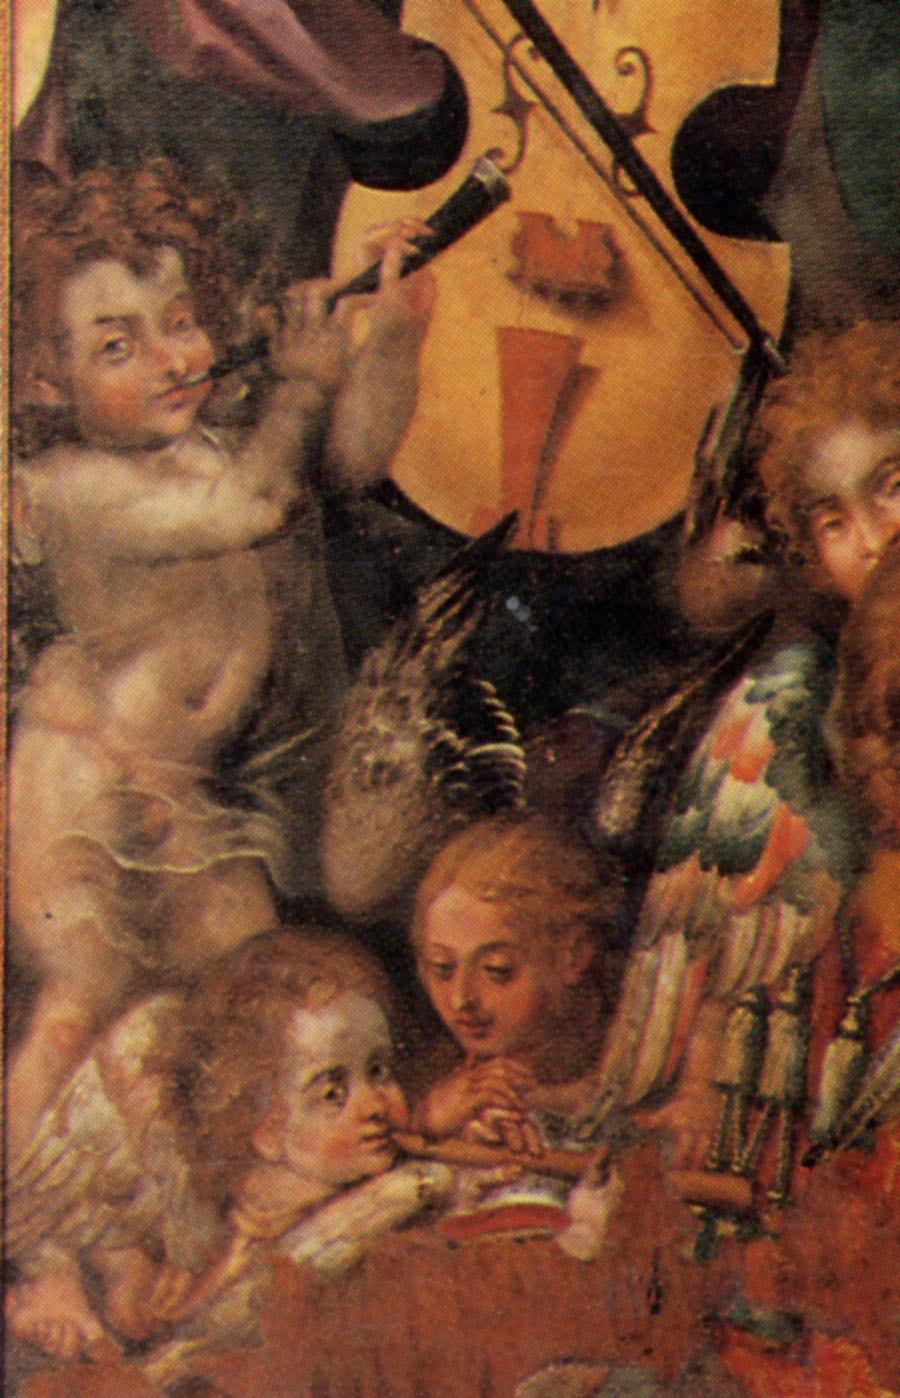 Detail, Vasco Pereira Lusitano, Azores, Portugal 1604 Coronation of the Virgin